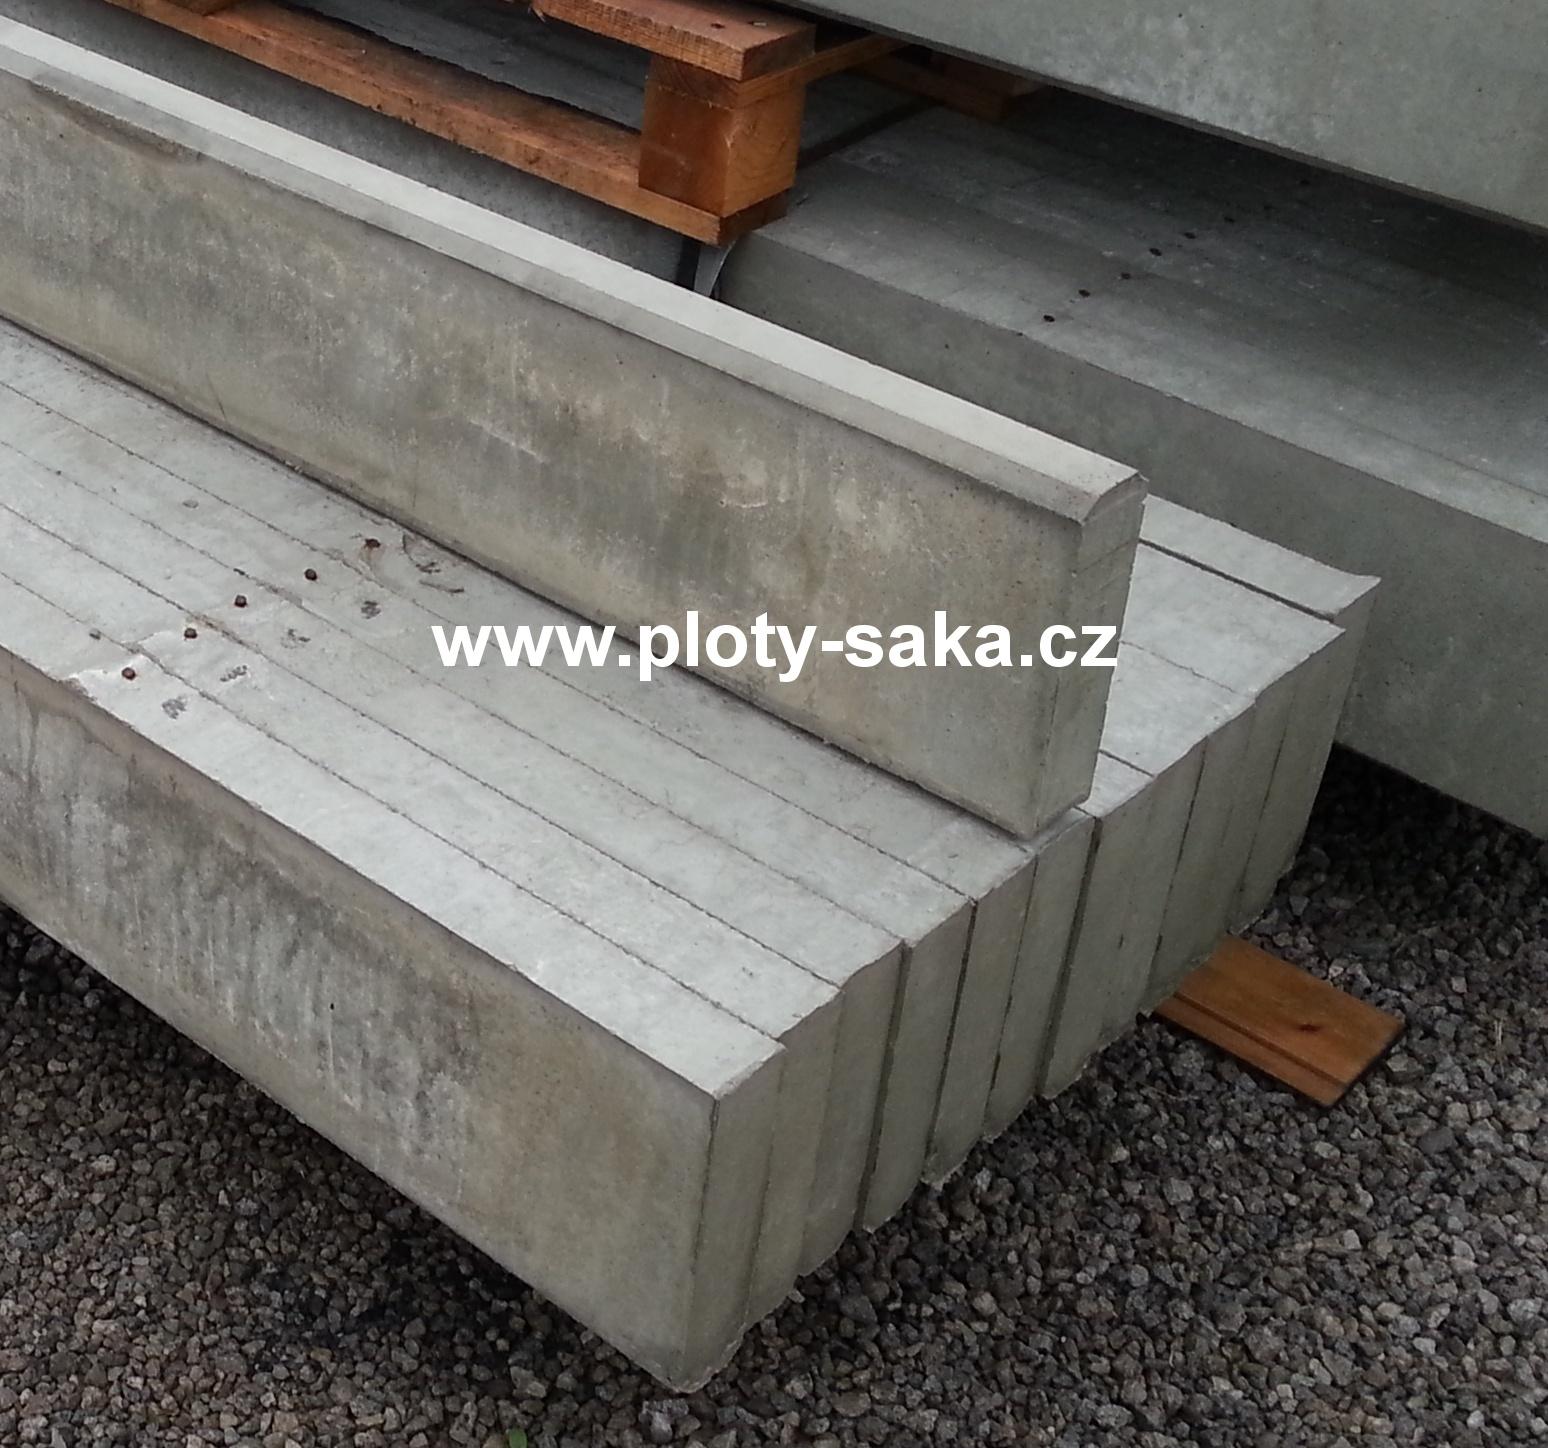 Podhrabová deska - 2500x300x50 mm